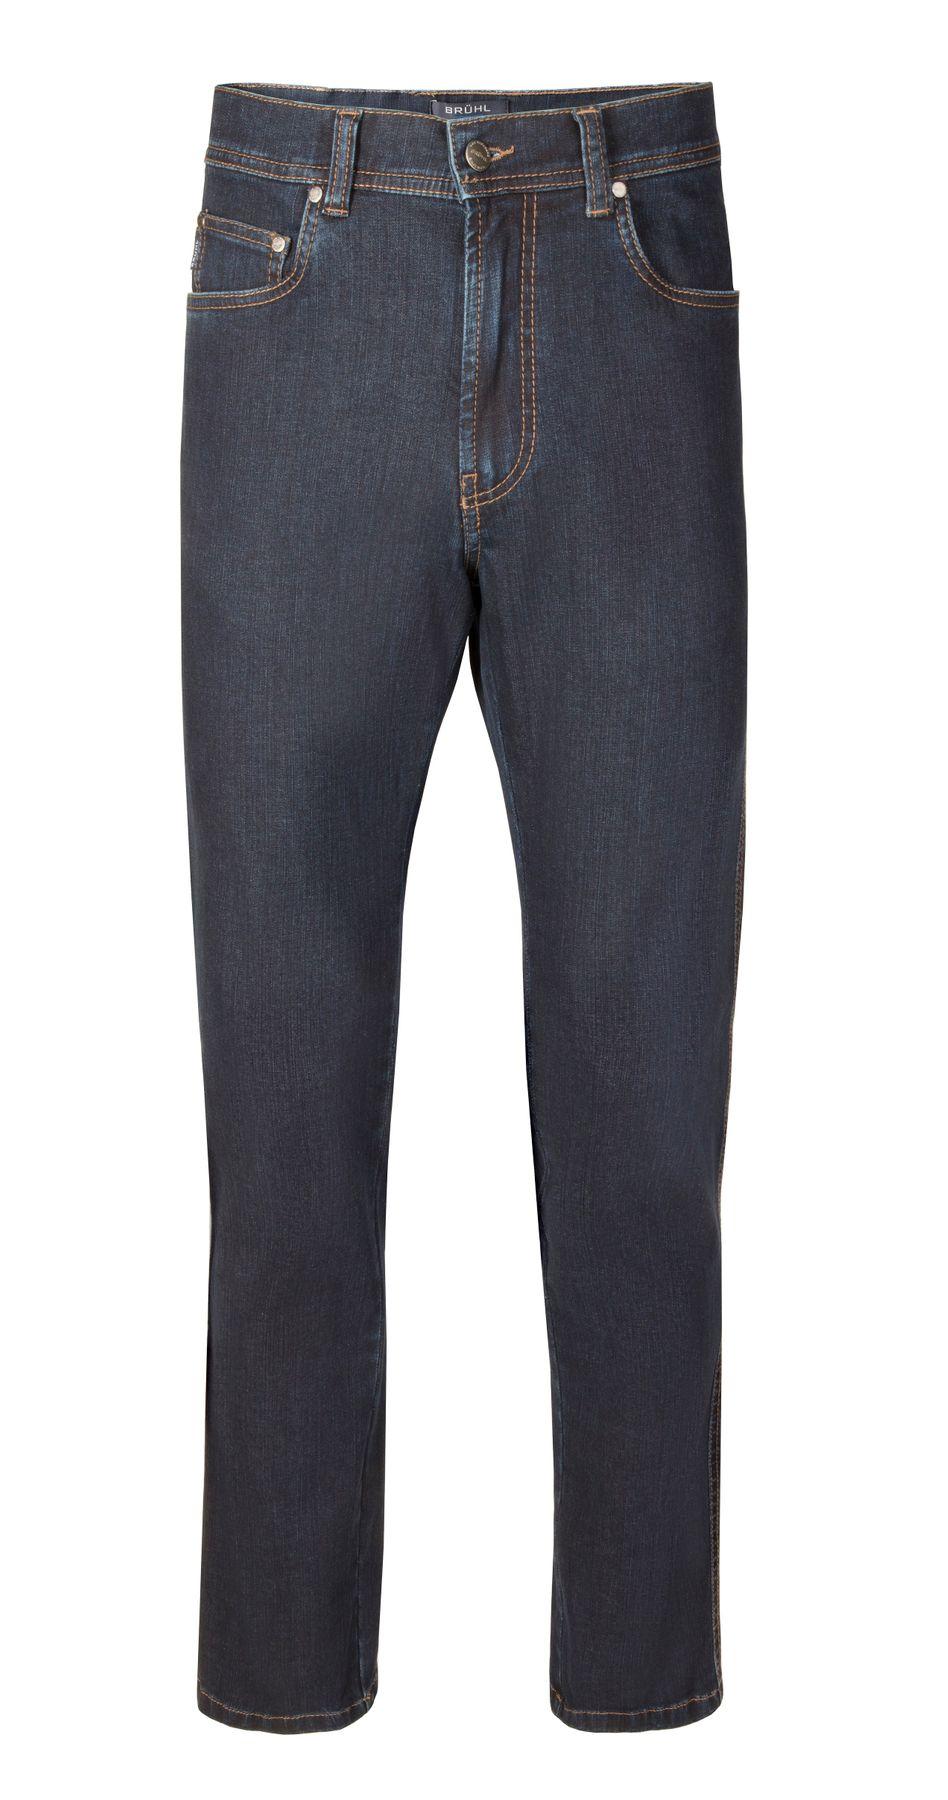 Brühl - Herren 5-Pocket Jeans in verschiedenen Farben, Genua 3 (0564191180100) – Bild 4